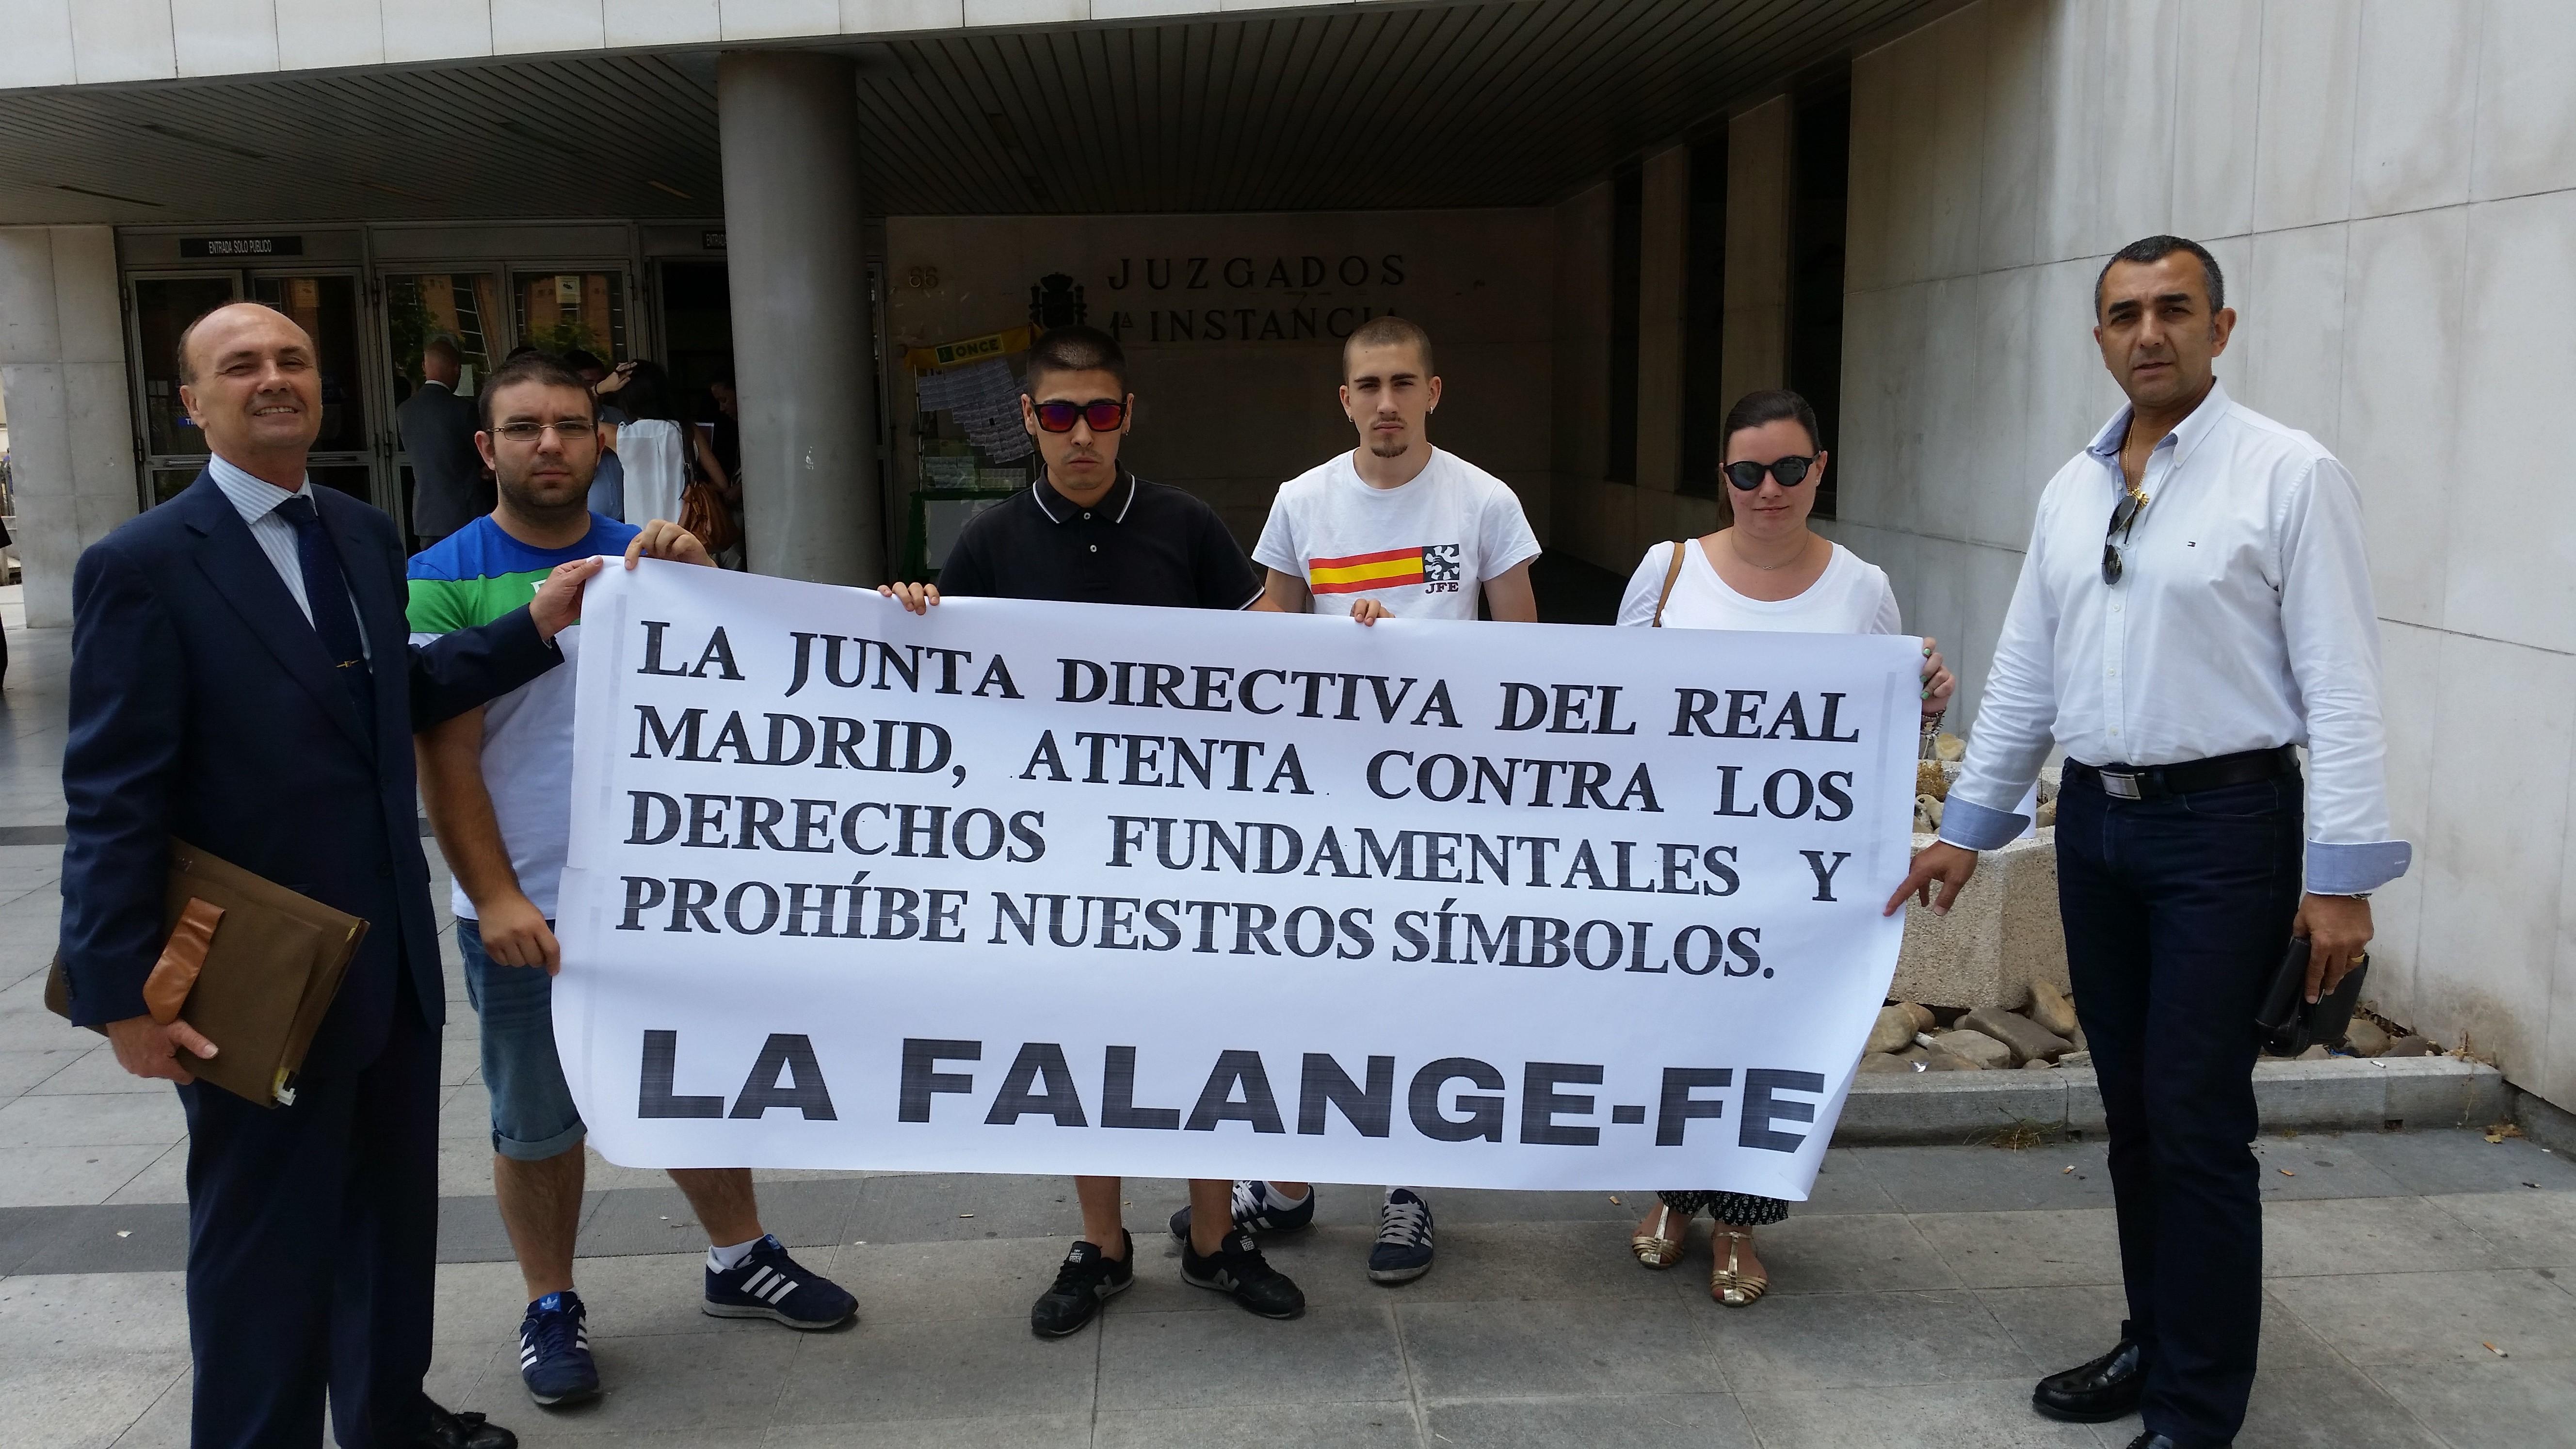 La Falange en el juicio de conciliación contra el presidente del Real Madrid y su Junta Directiva